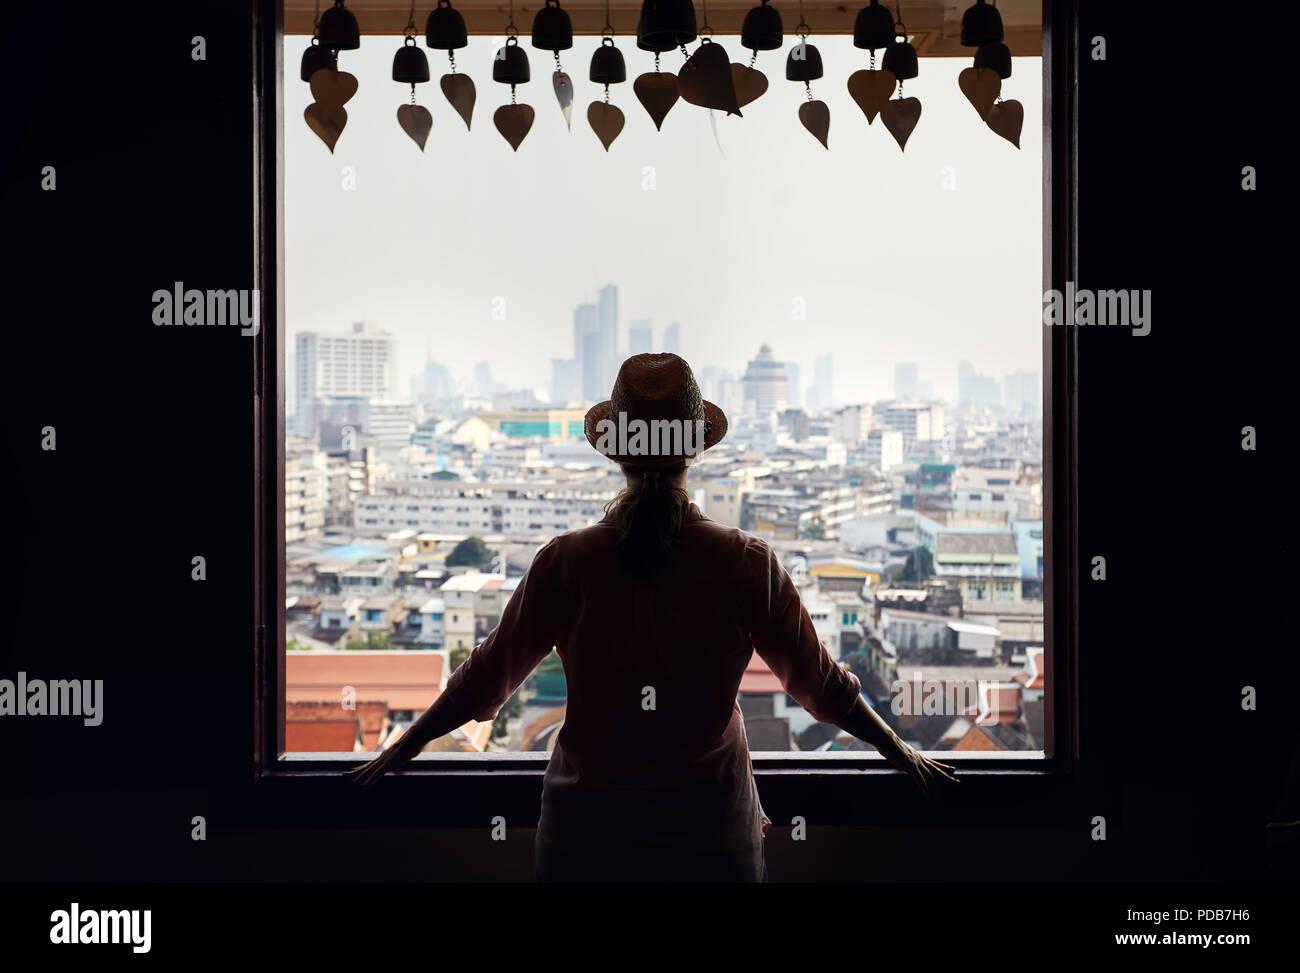 Silhouette di donna turistica cercando nella finestra per Bangkok City View grattacieli del quartiere degli affari da Golden Mountain Pagoda Wat Saket al coperto Immagini Stock